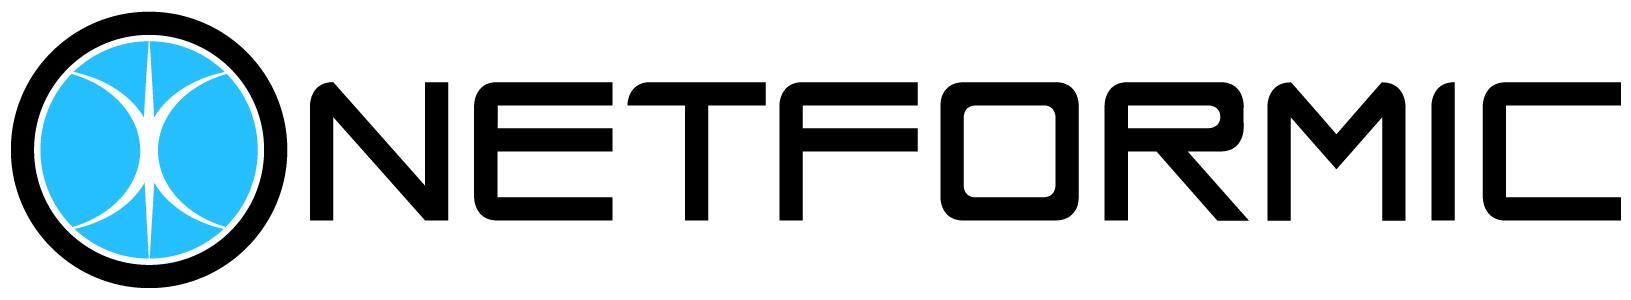 NETFORMIC-Logo-CMYK-1631x300